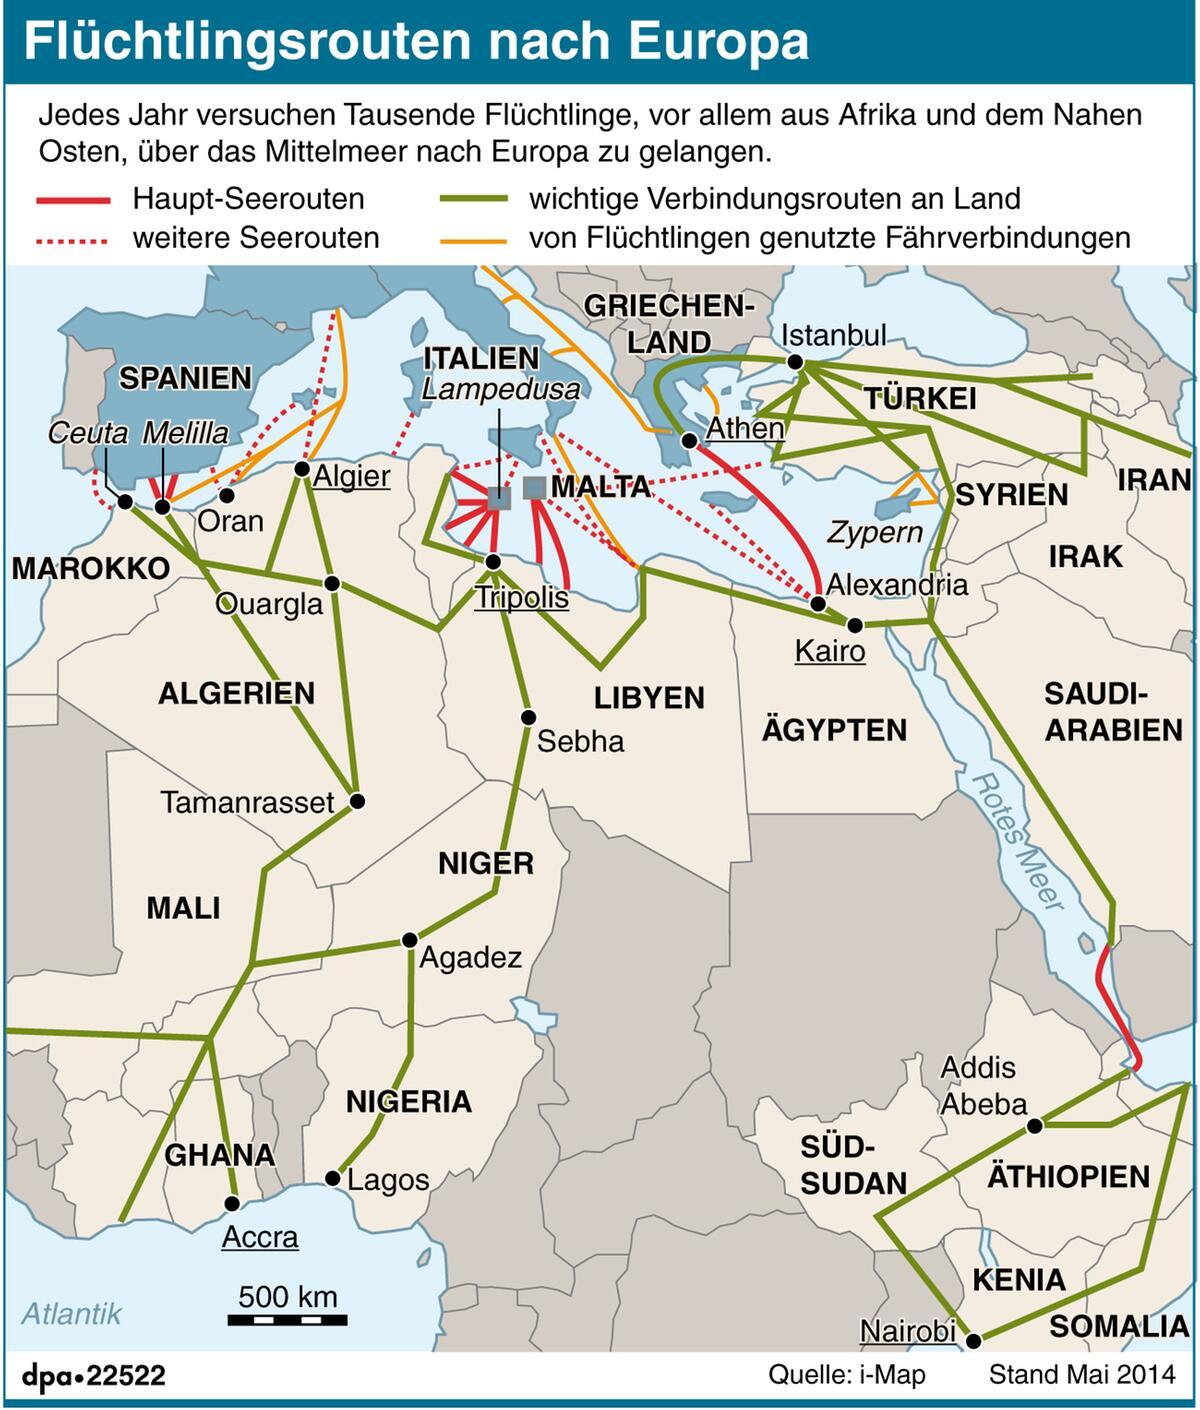 Prächtig So kommen Flüchtlinge nach Europa | WEB.DE &NG_52